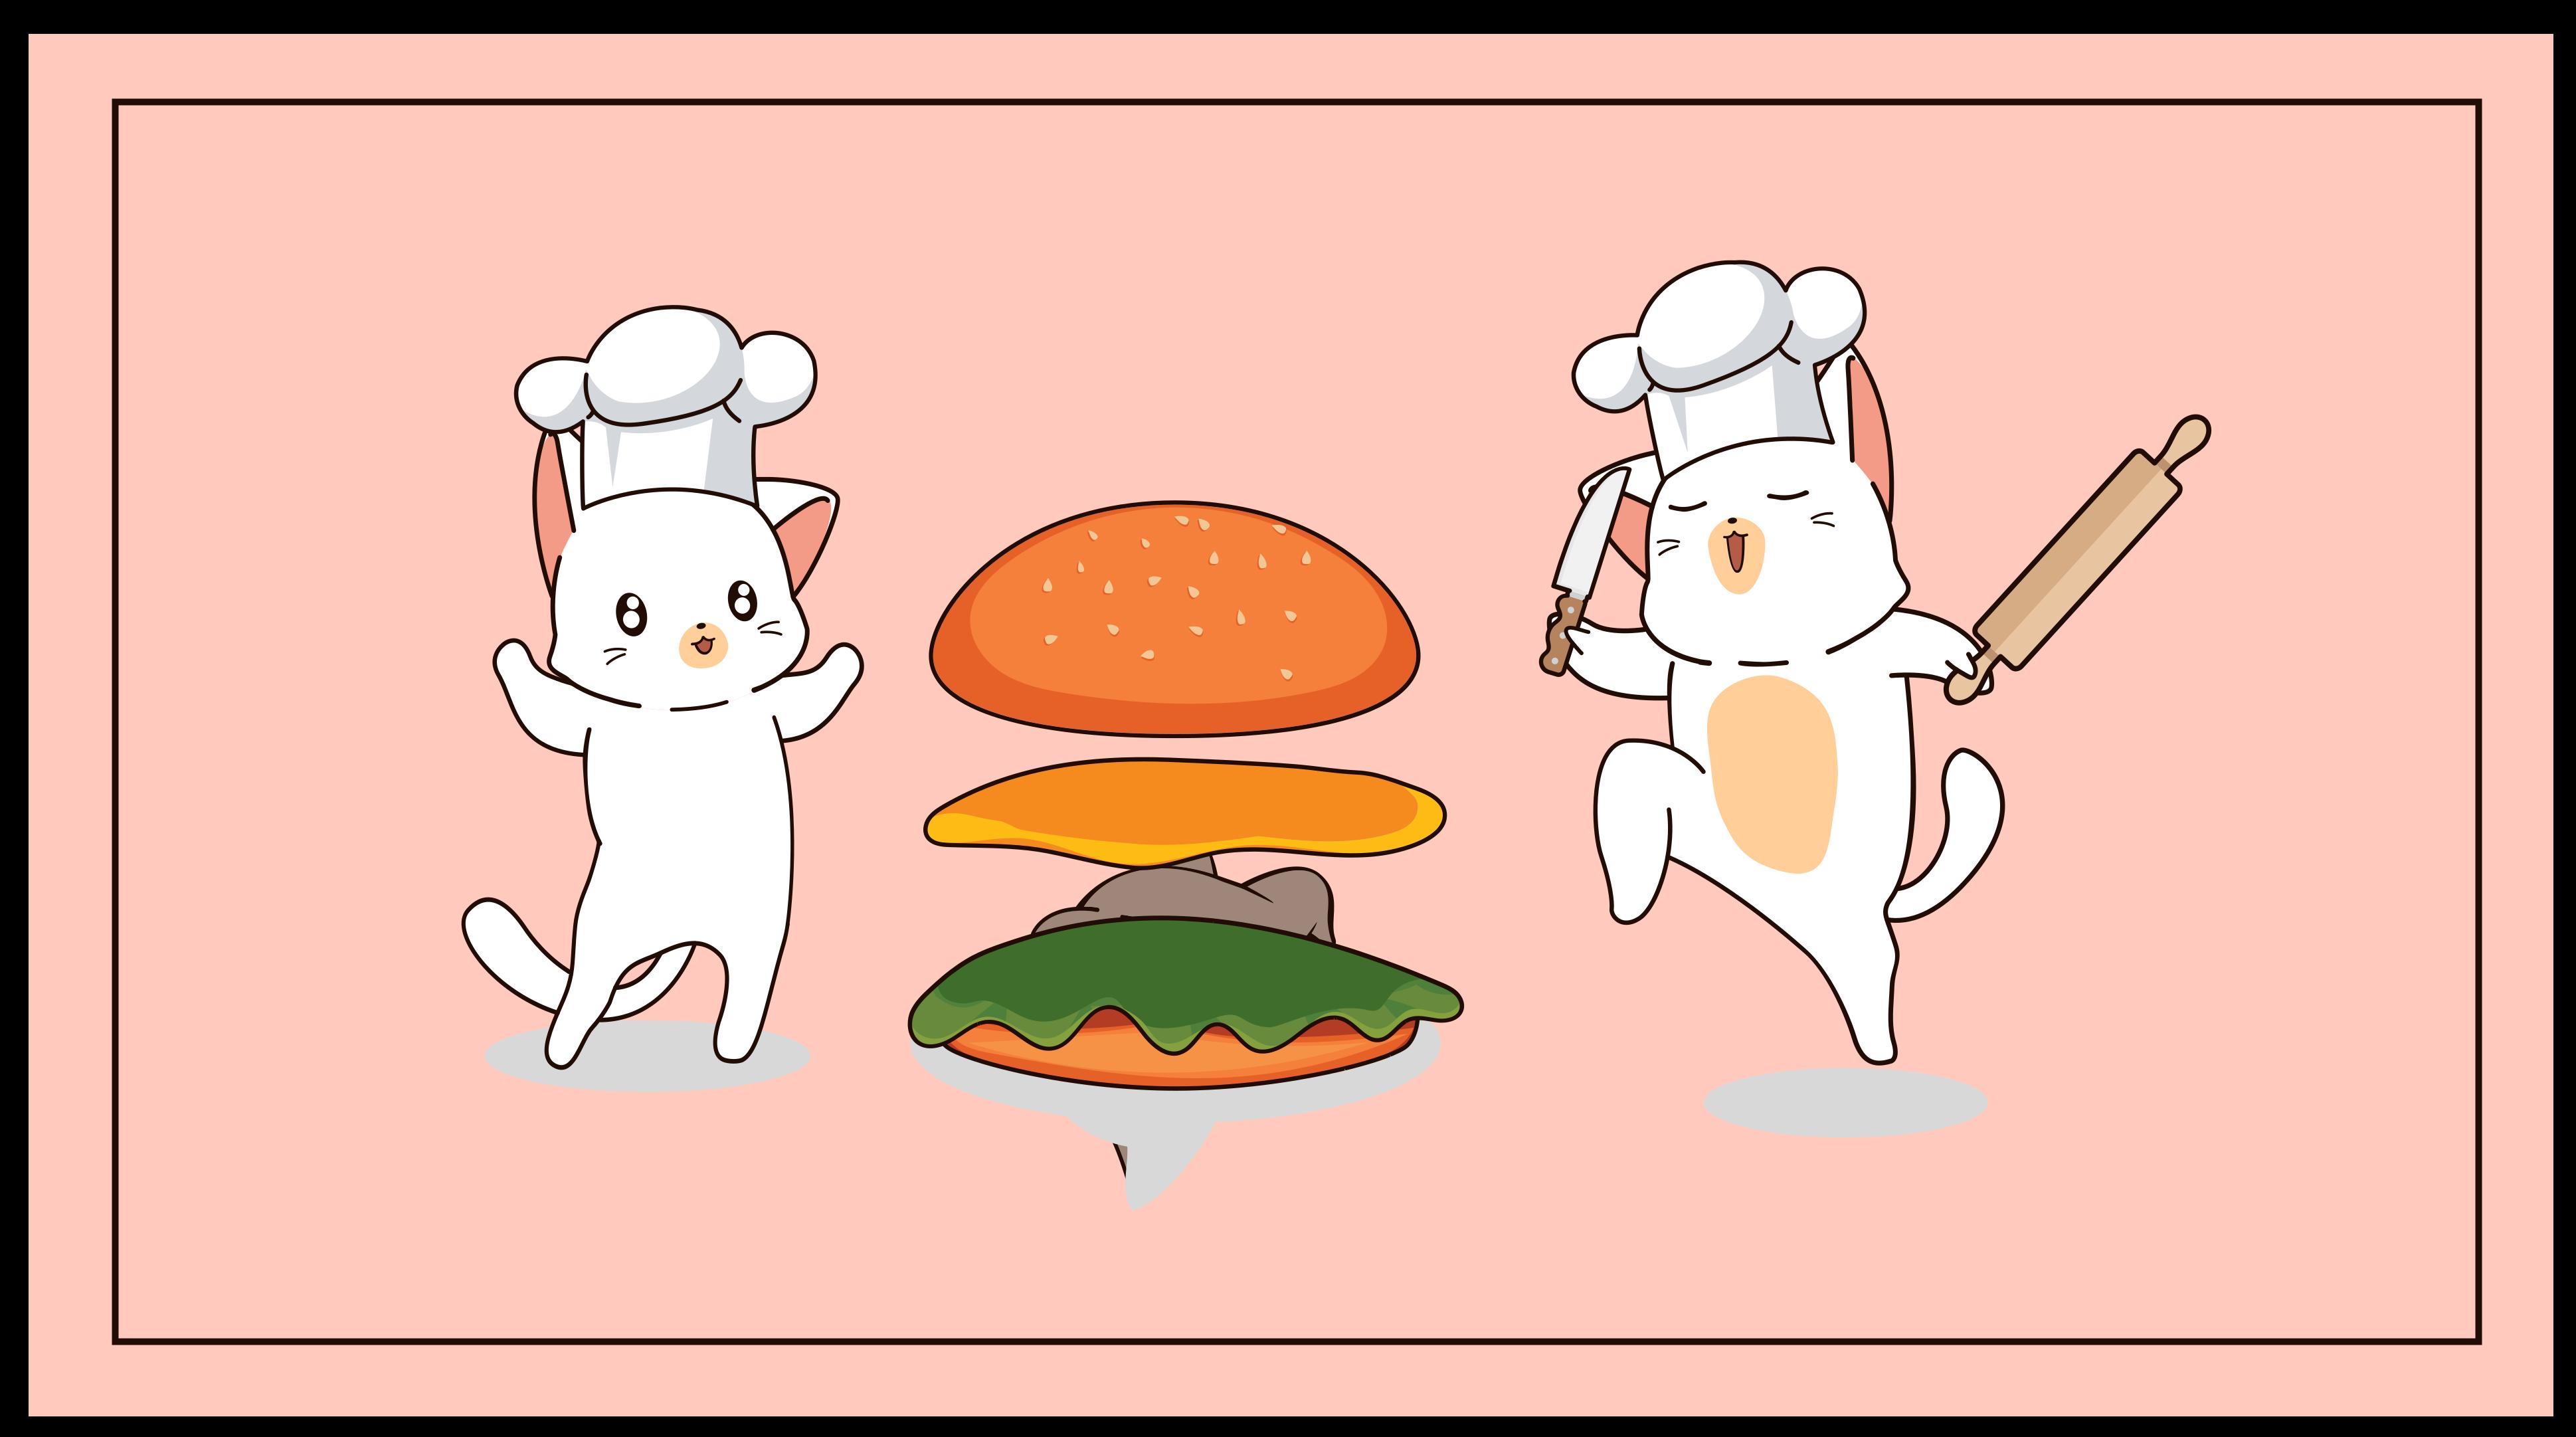 TenStickers. 猫的厨房厨房地板. 粉色乙烯基地毯和猫,非常适合装饰您的厨房。 100%满意,必要时易于清洁和存储。